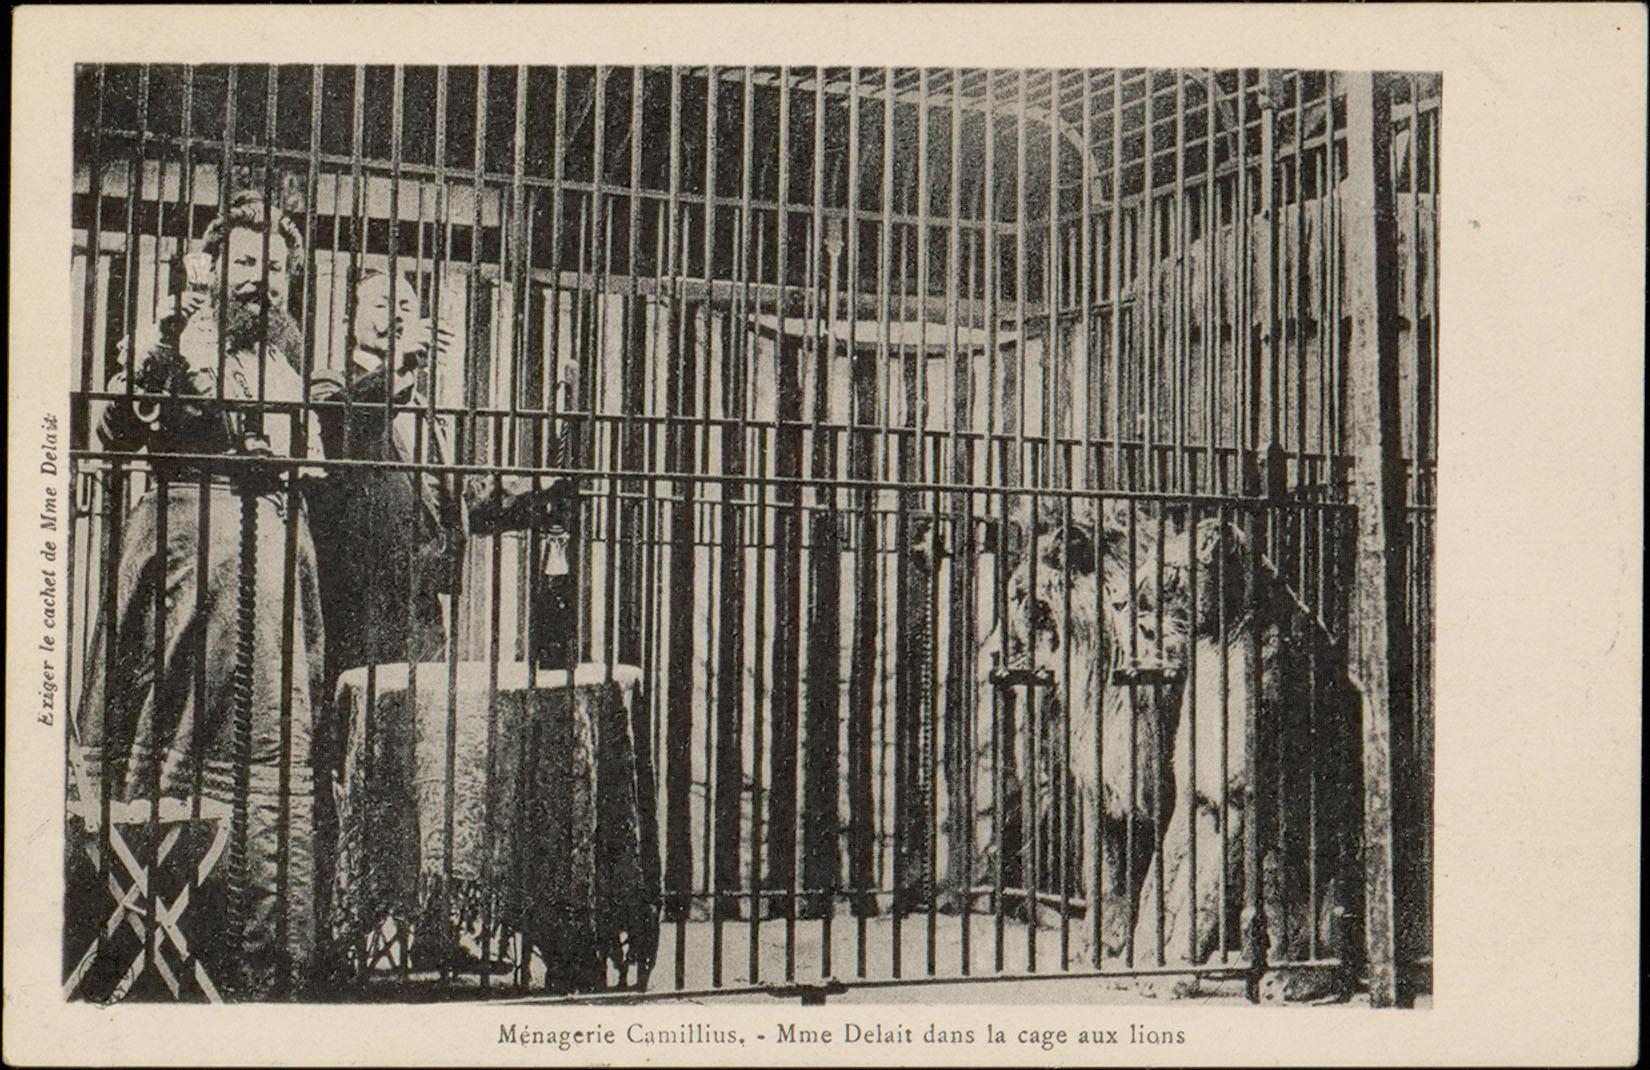 Contenu du Ménagerie Camillius, Mme Delait dans la cage aux lions